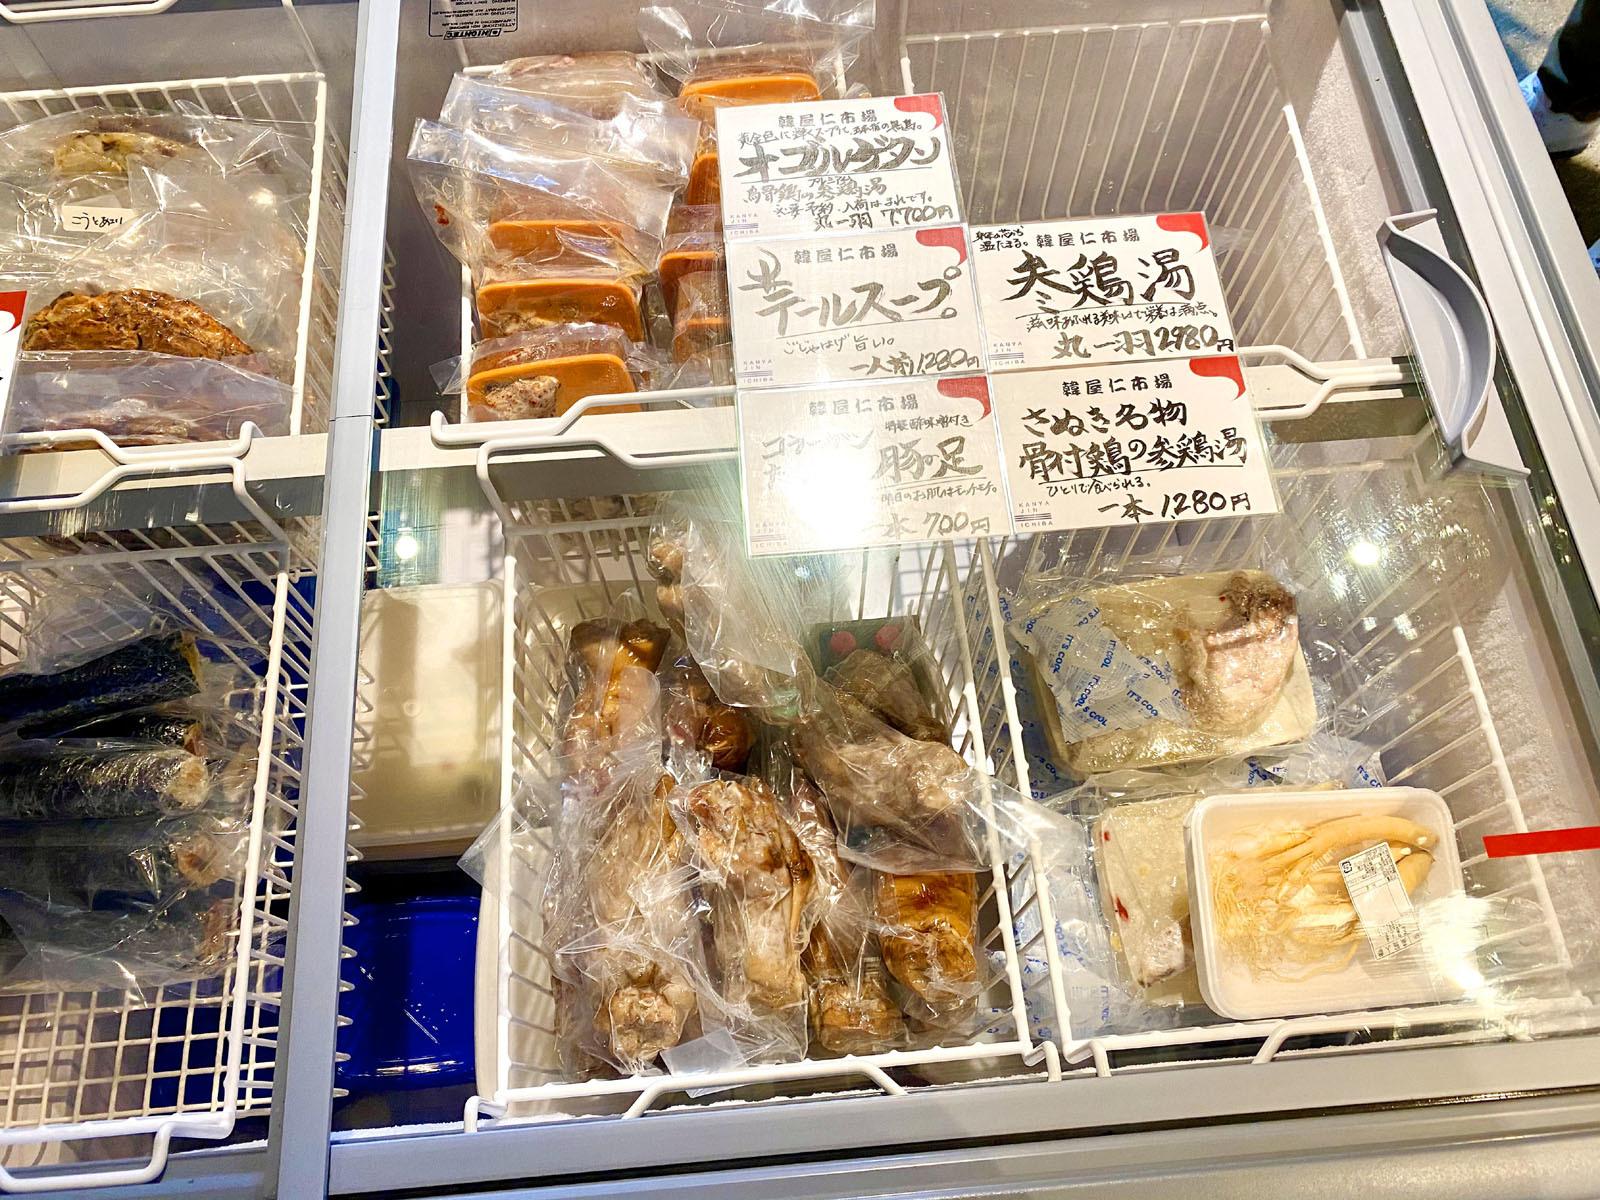 韓屋仁市場. 韓国惣菜1